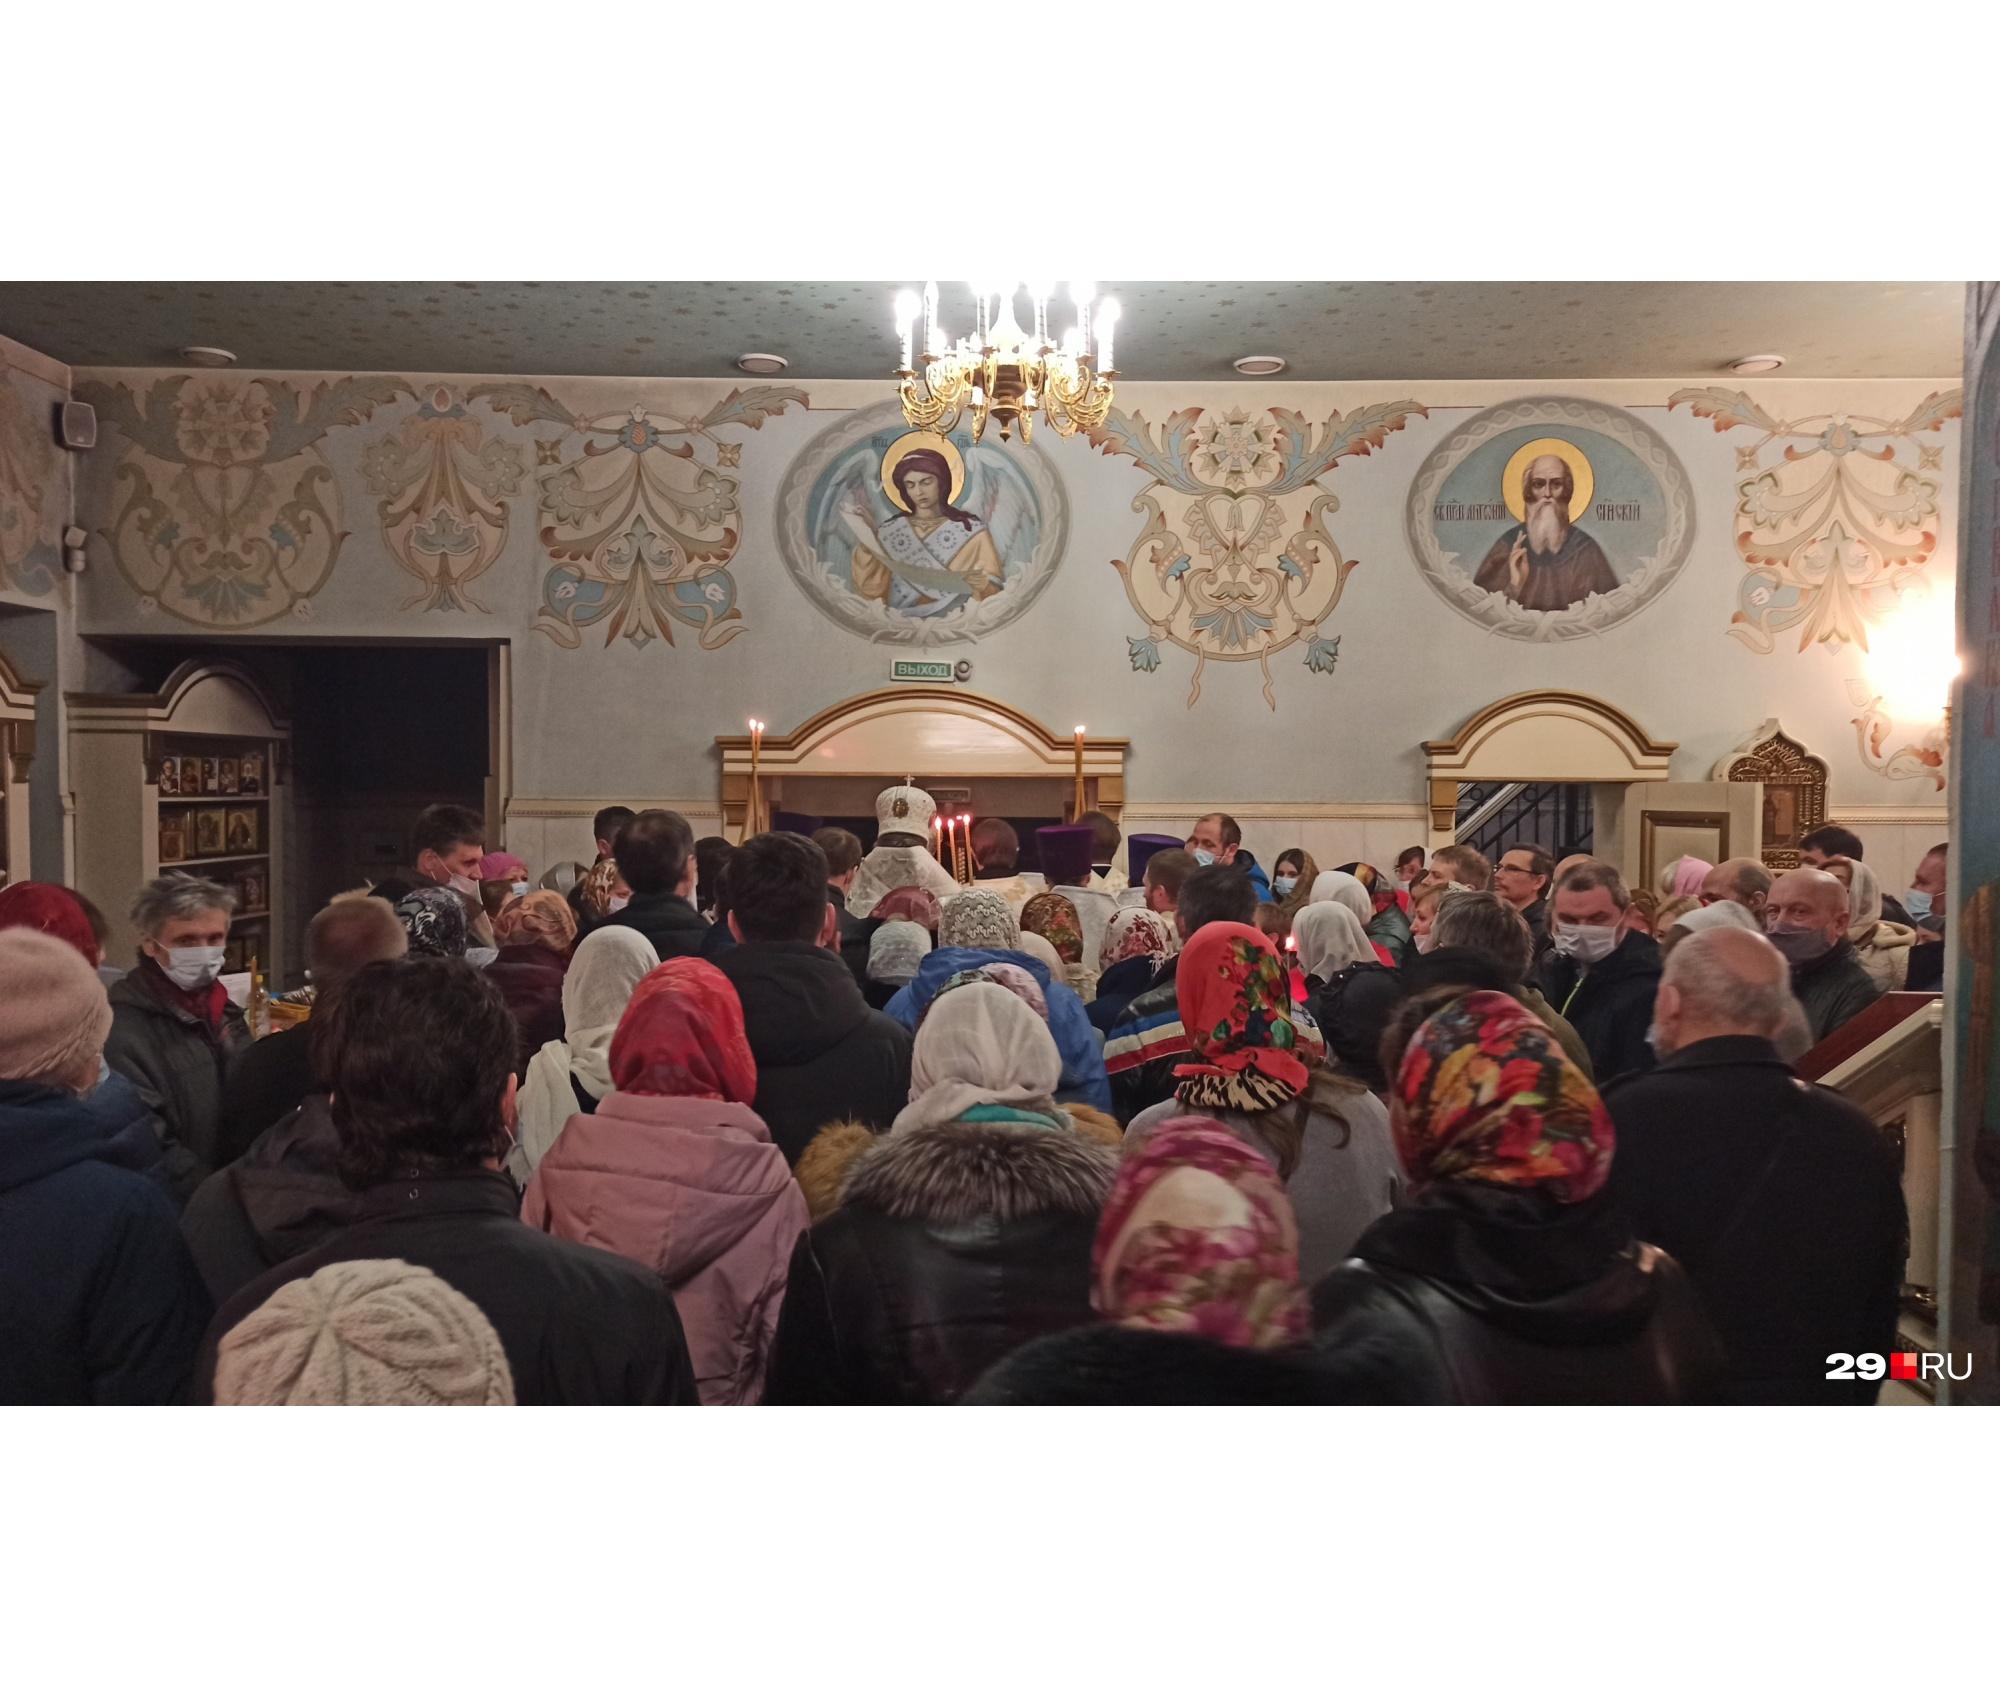 Ночью на литургию в Ильинский собор пришло порядка 80 человек